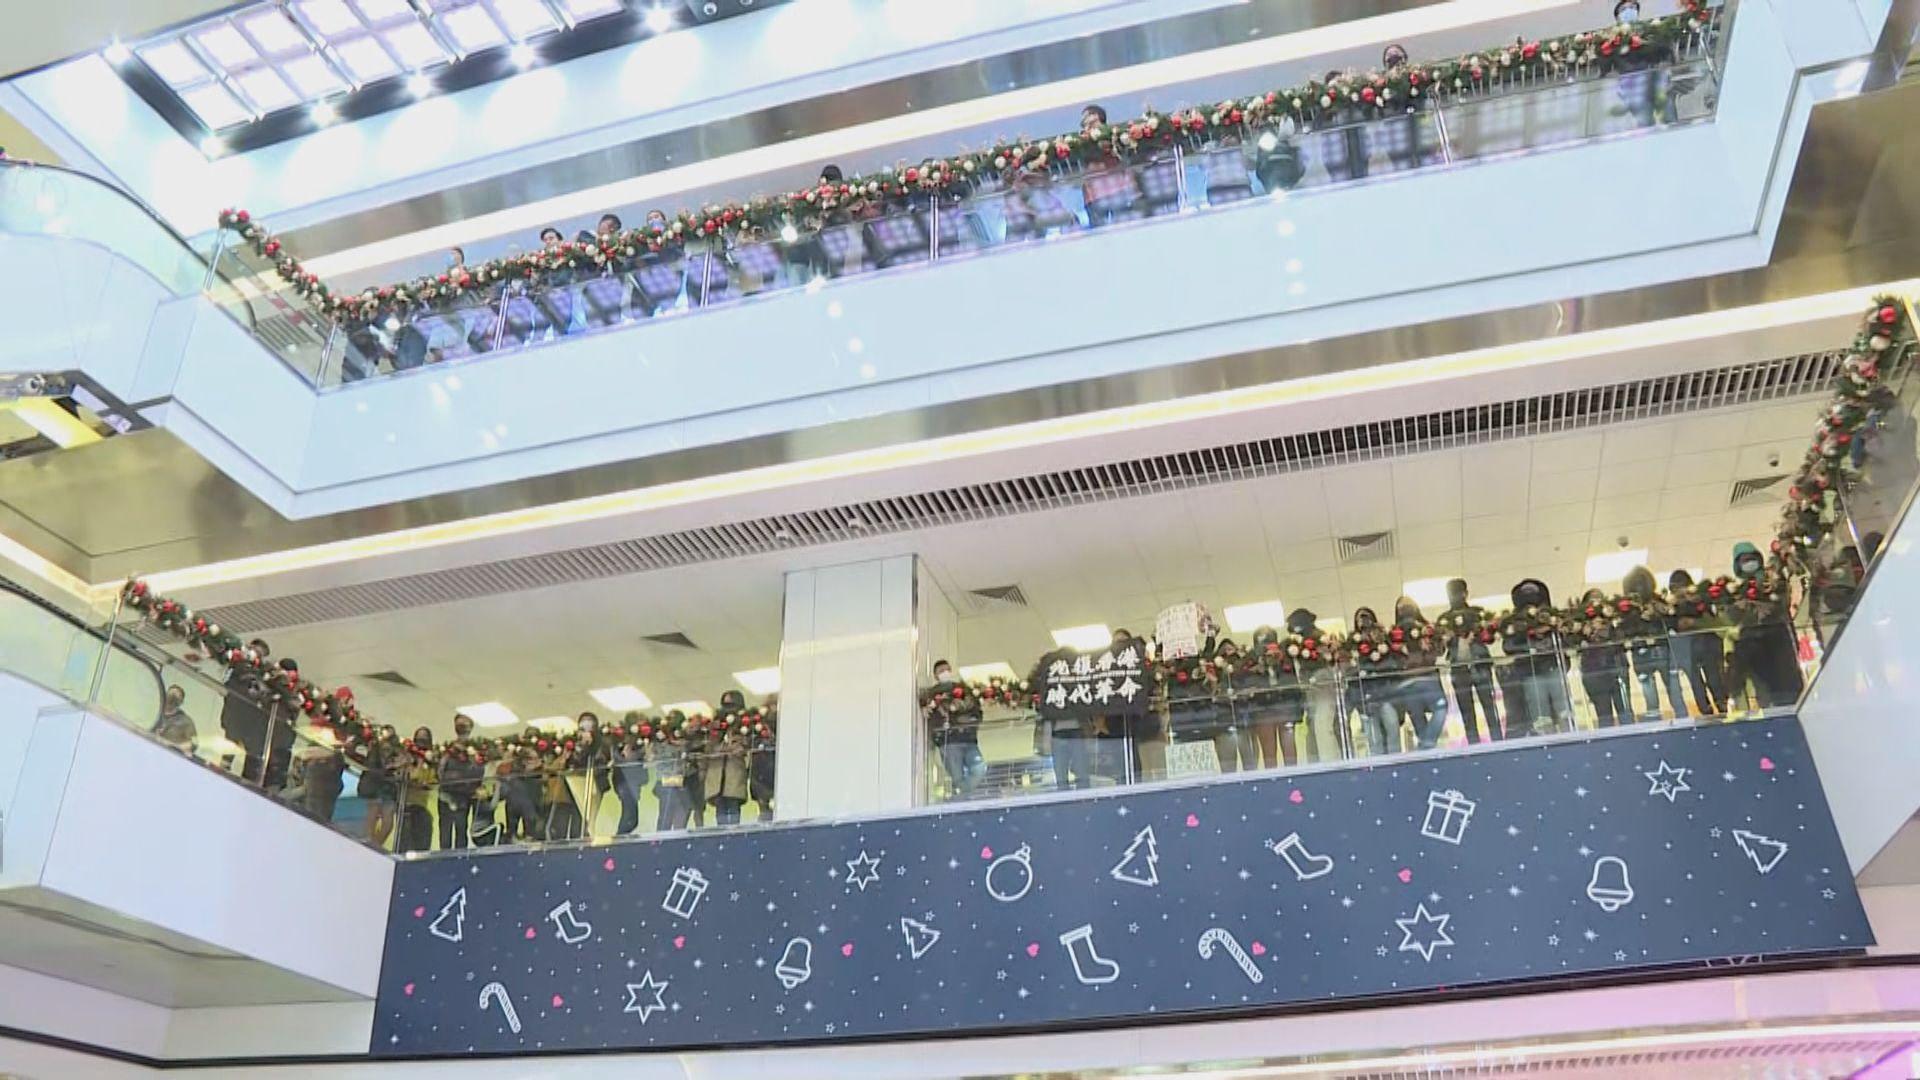 有人在淘大商場舉行「和你唱」集會